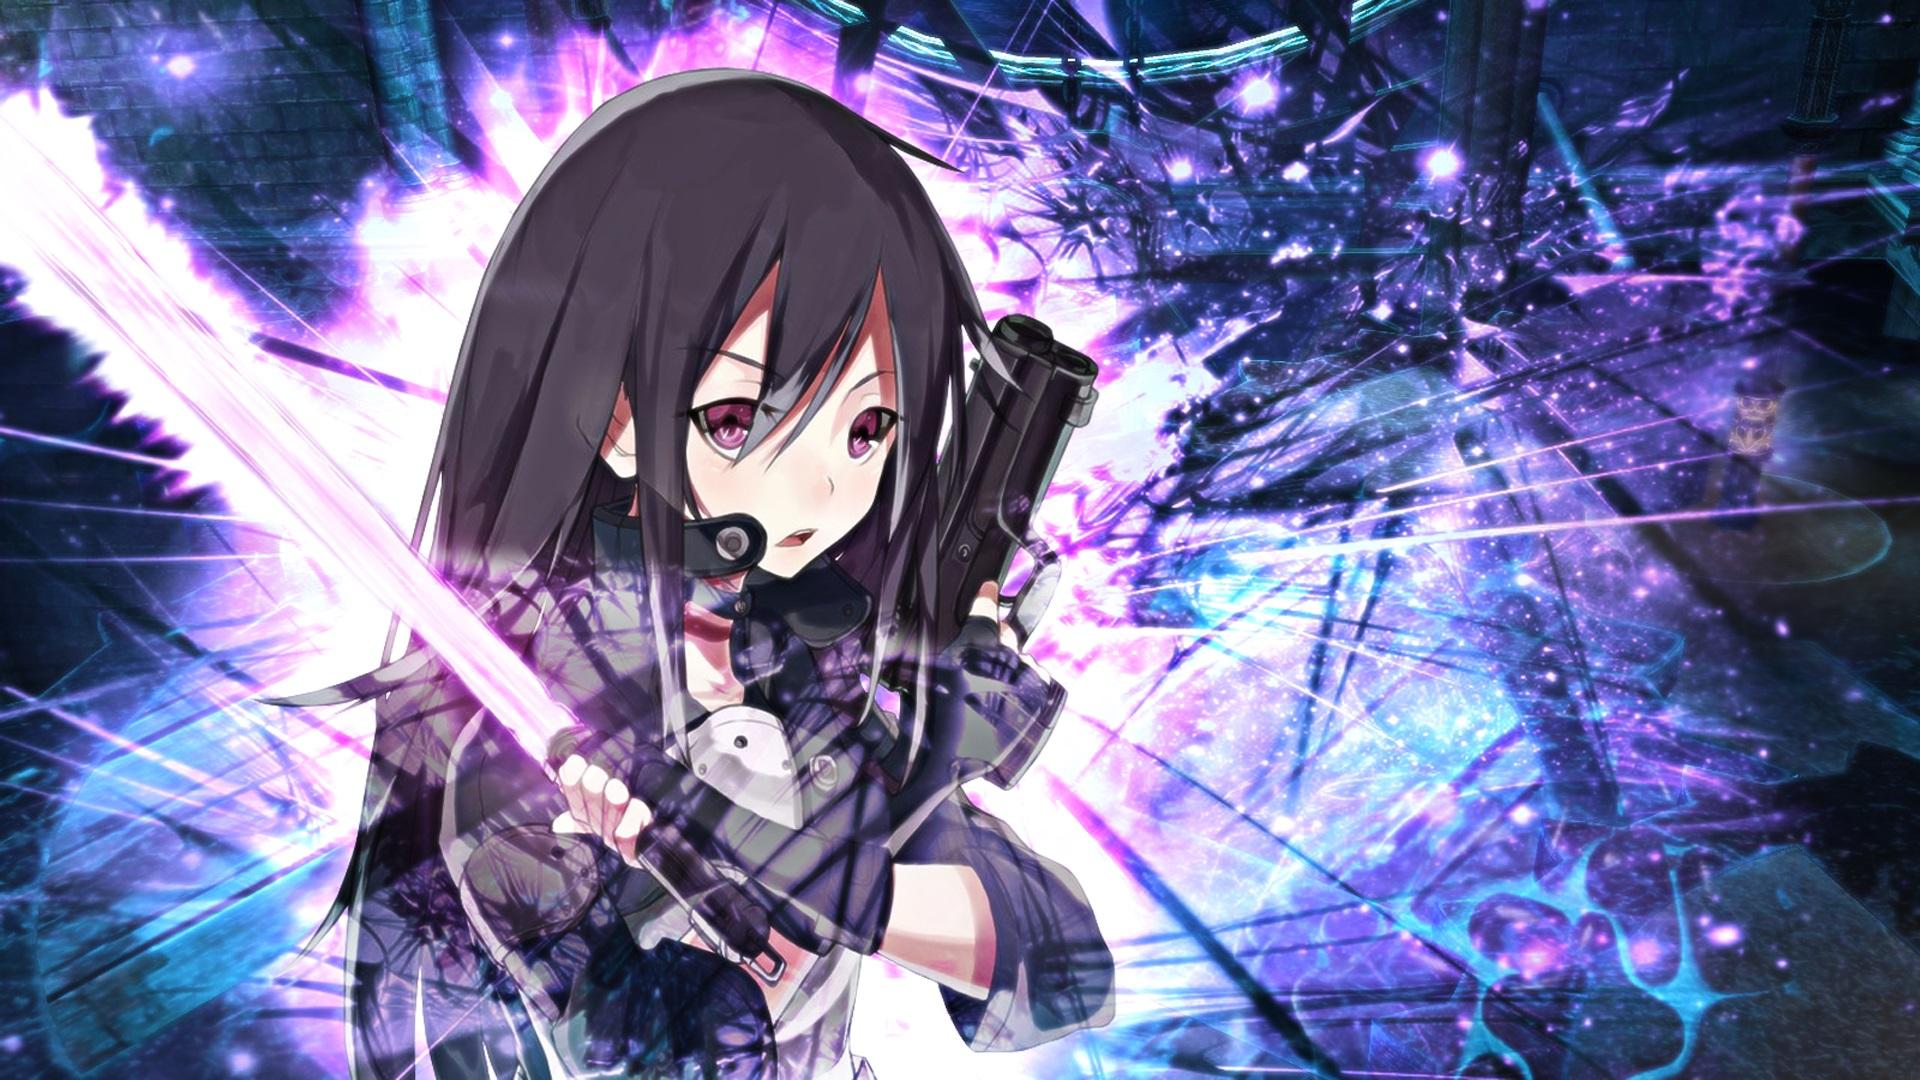 Sword Art Online Ii Hd 372832 Hd Wallpaper Backgrounds Download